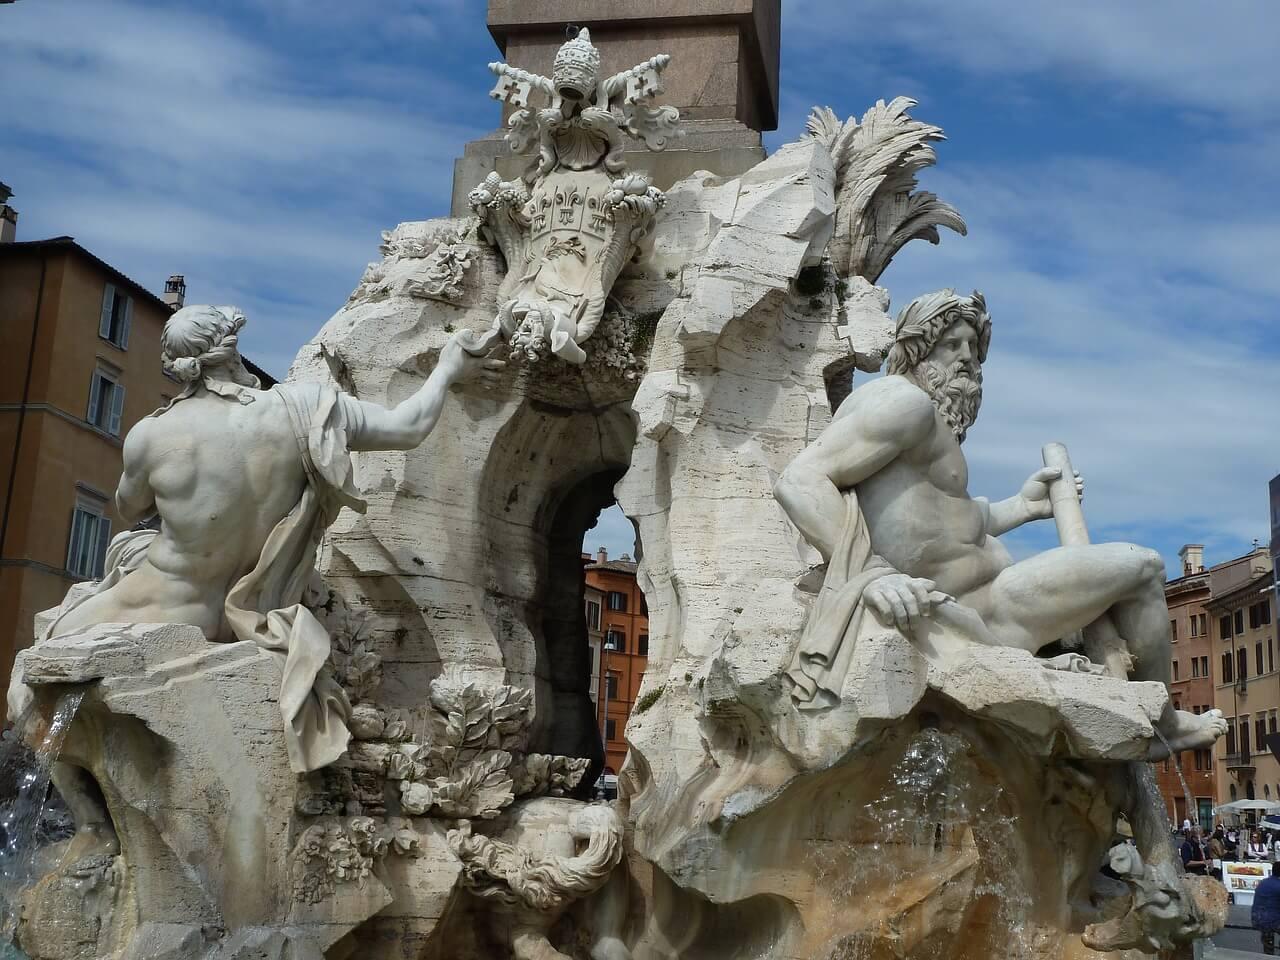 Detalle de la fuente de los Cuatro Ríos de Bernini